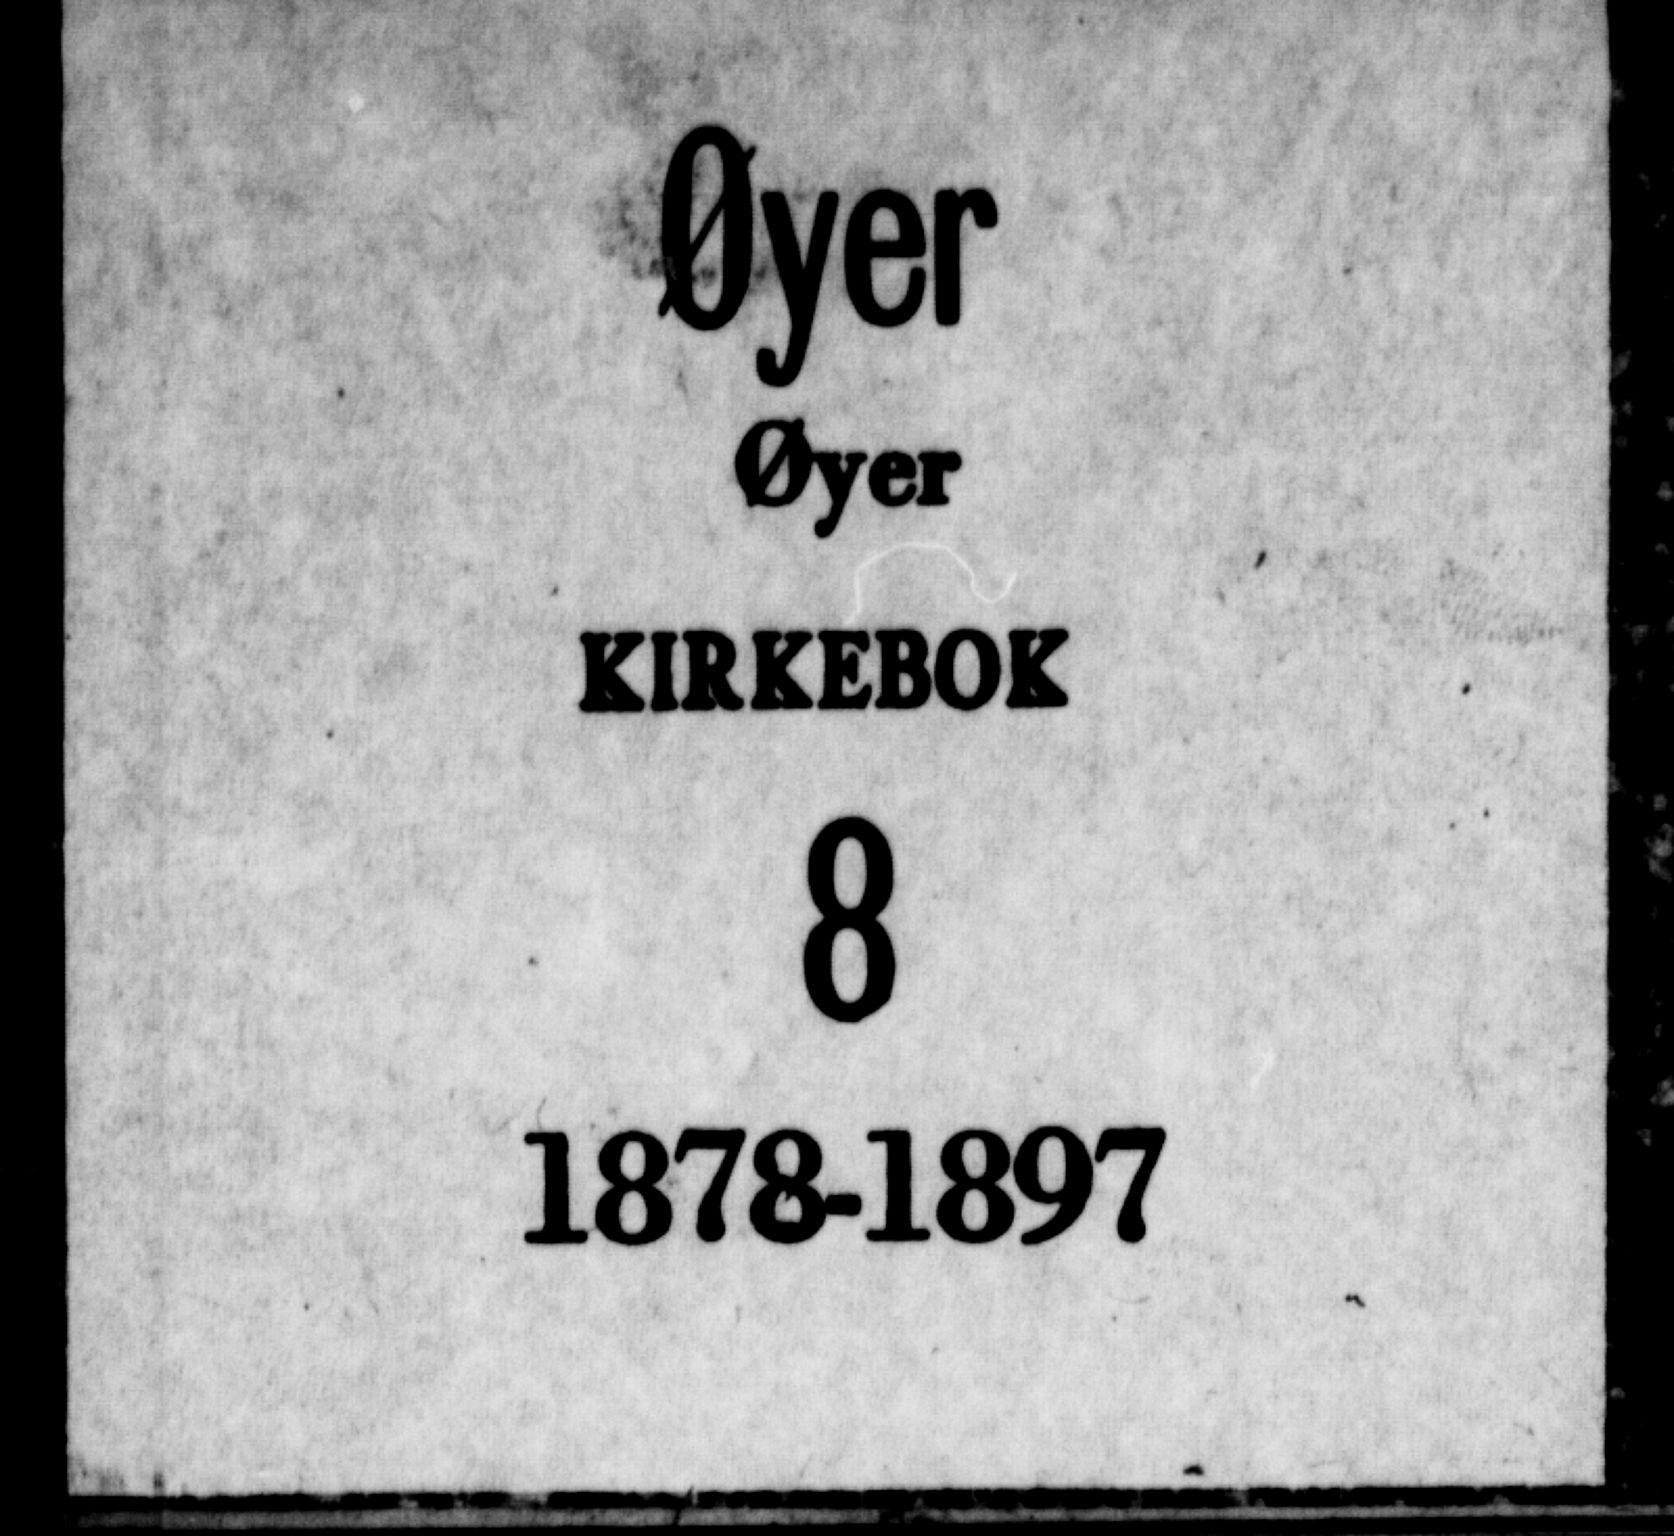 SAH, Øyer prestekontor, Ministerialbok nr. 8, 1878-1897